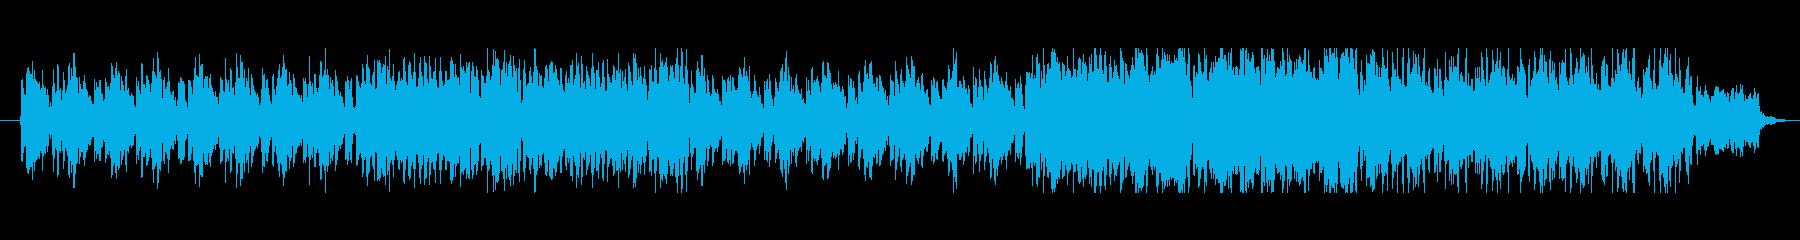 おとぎ話の様なファンタジーなメロディーの再生済みの波形